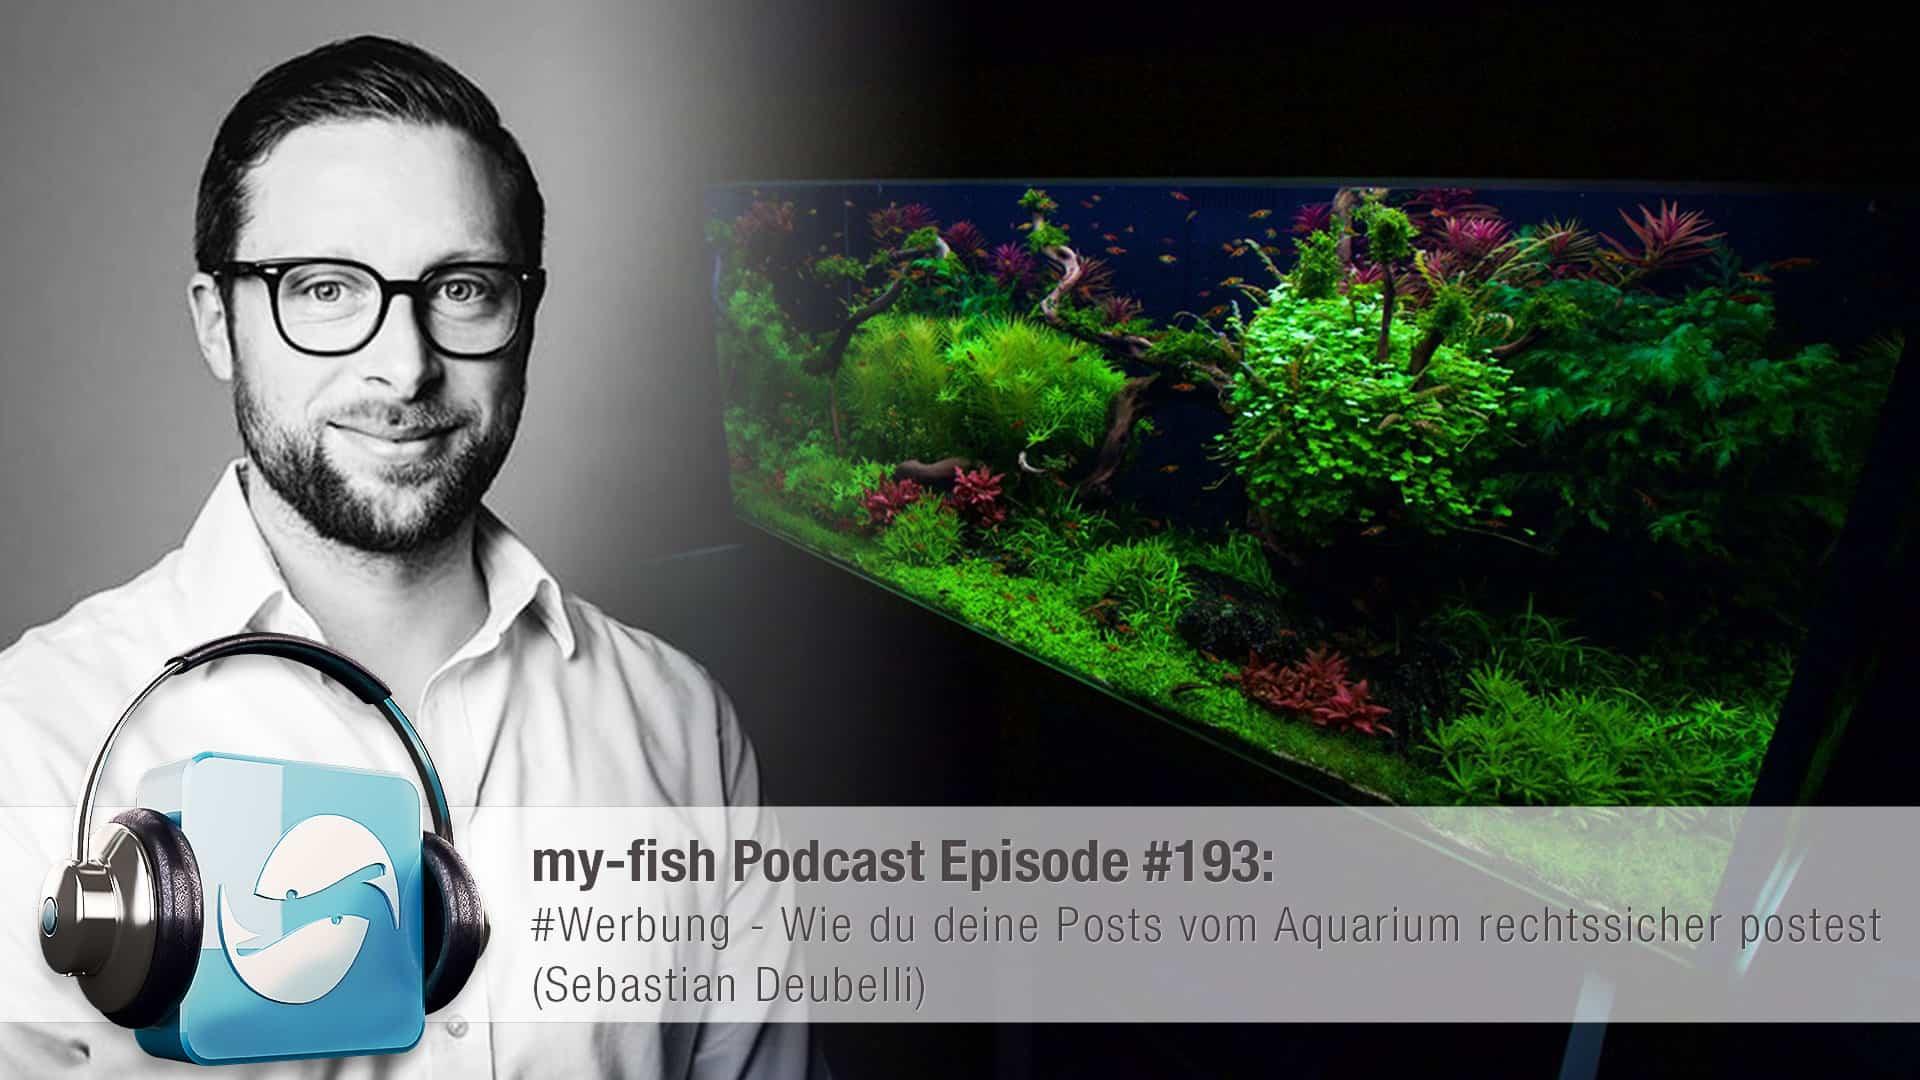 193: #Werbung - Wie du deine Posts vom Aquarium rechtssicher postest (Sebastian Deubelli) 1